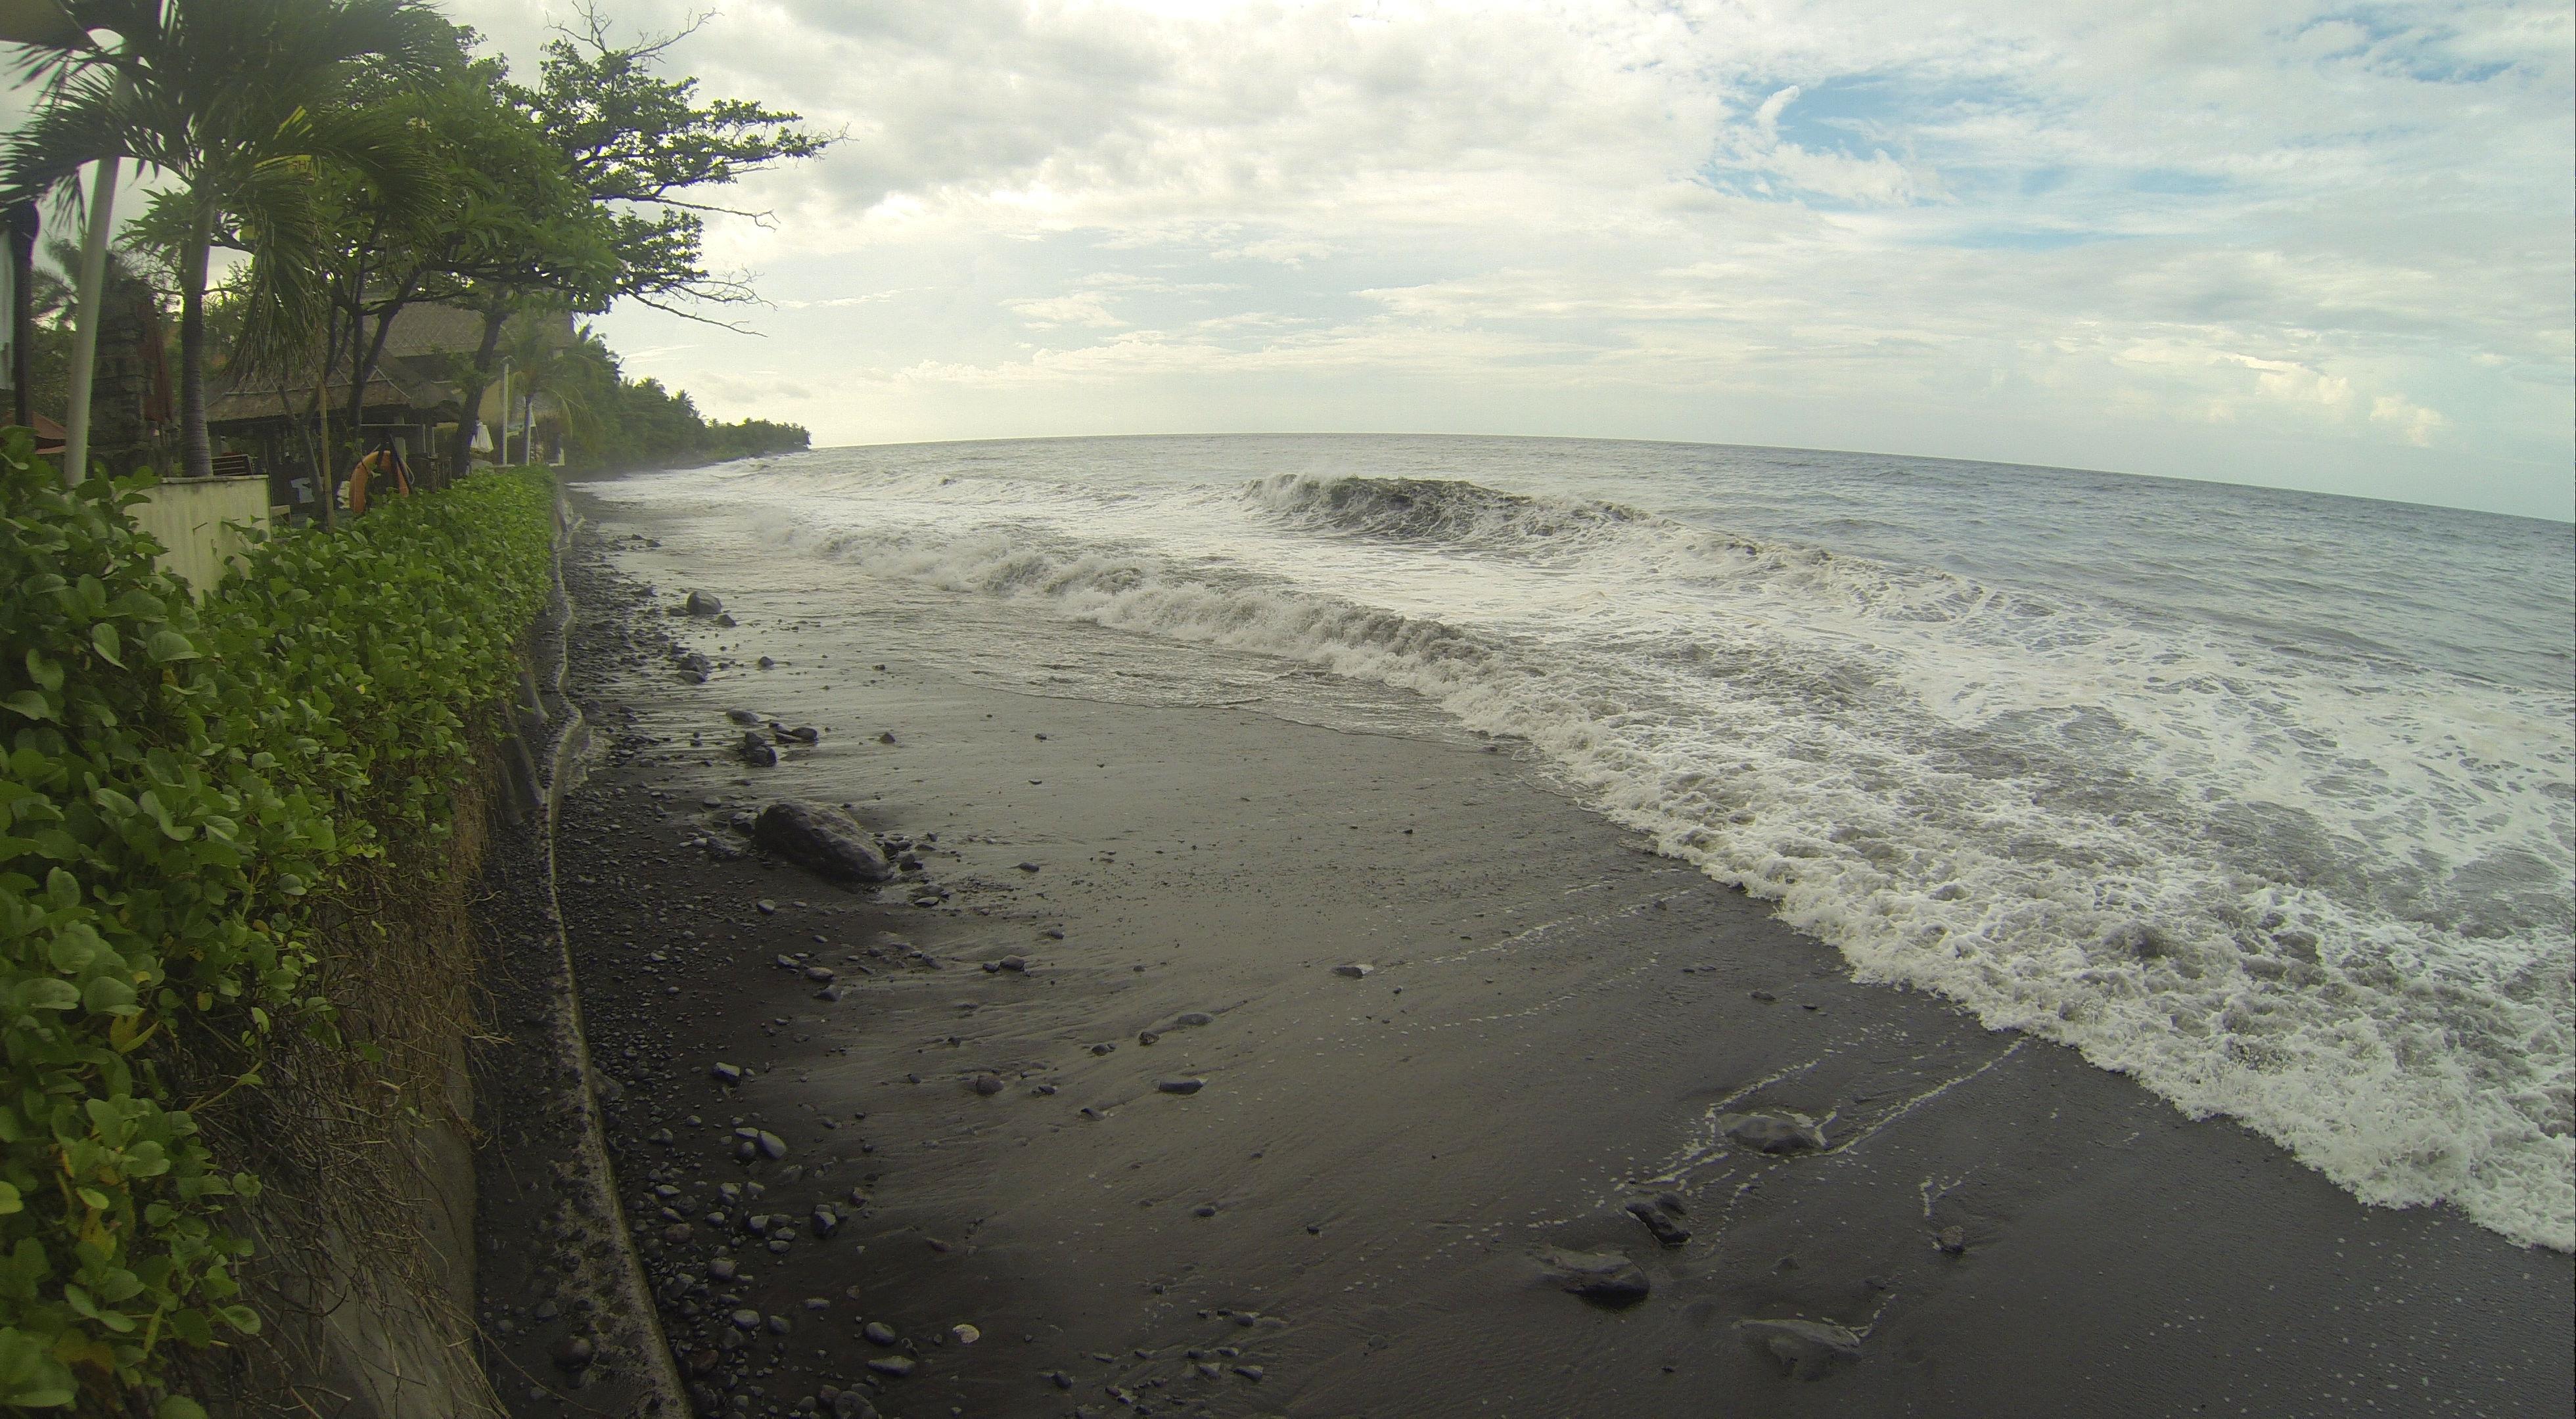 Tulamben-Bucht (stürmischer Tag), Tauch Terminal Resort, Tulamben/Bali (Foto aus GoPro-Video)